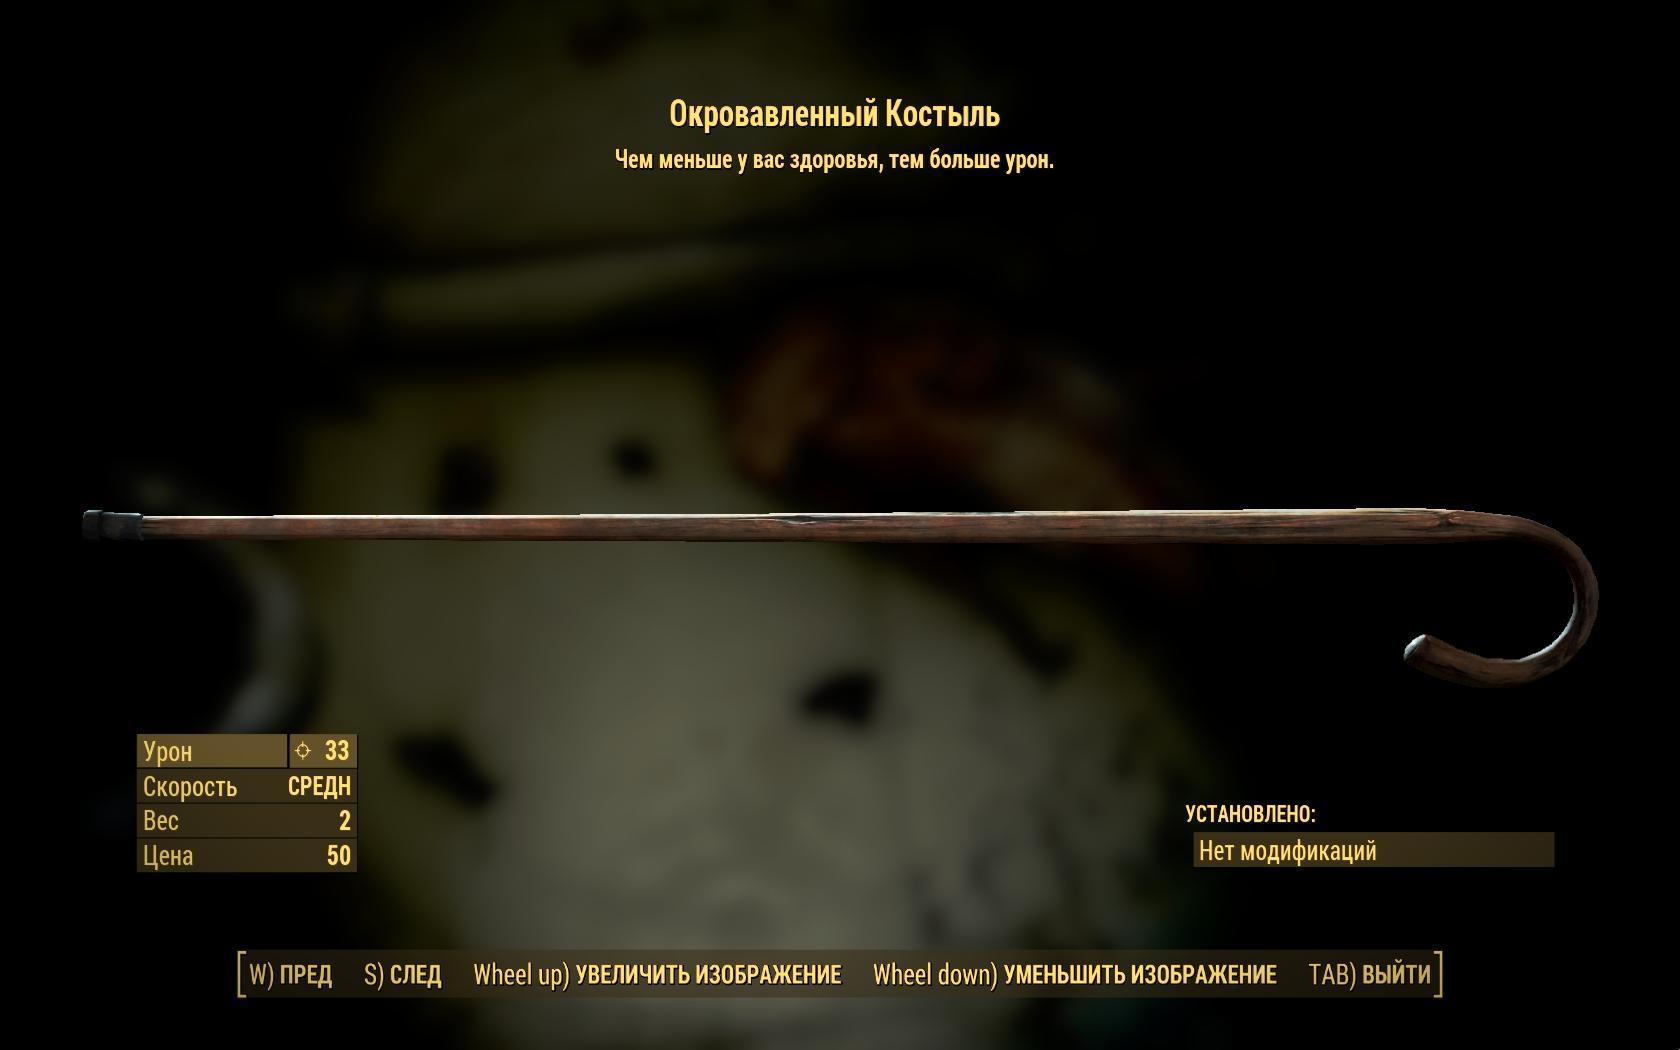 Окровавленный костыль - Fallout 4 Оружие